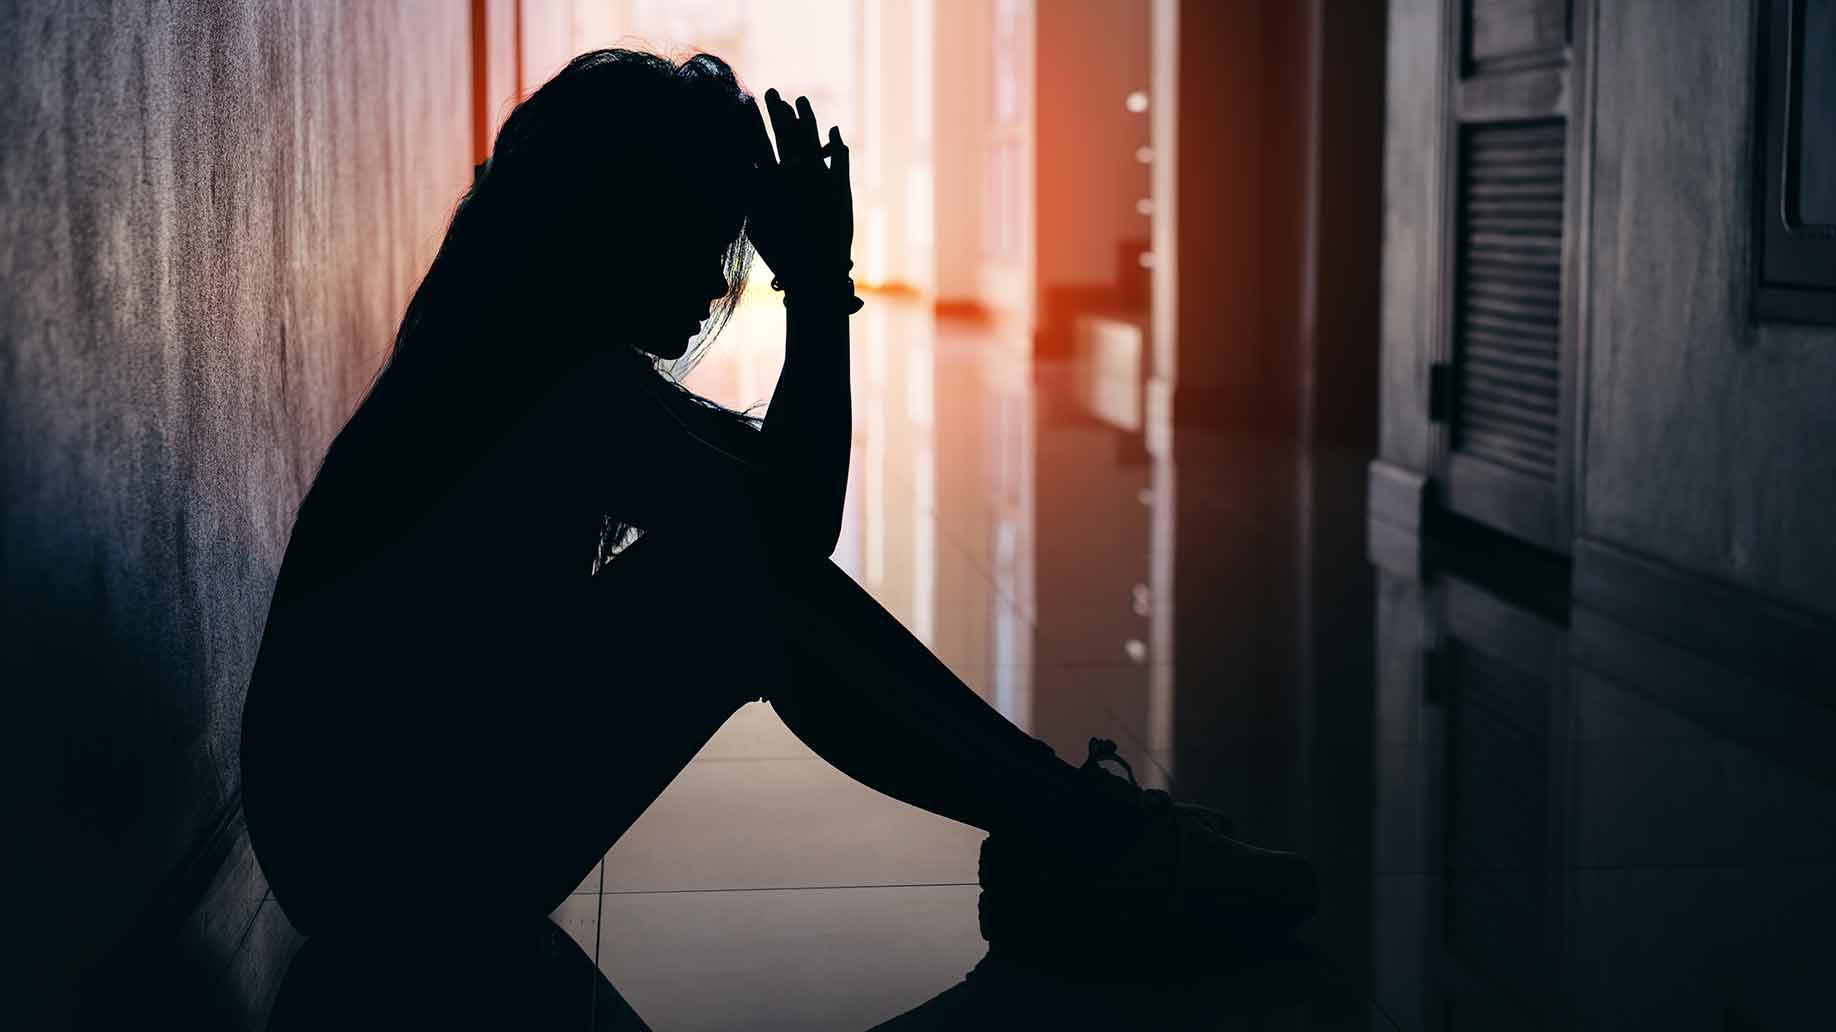 mood libido anxiety depression vitamin c natural health benefits